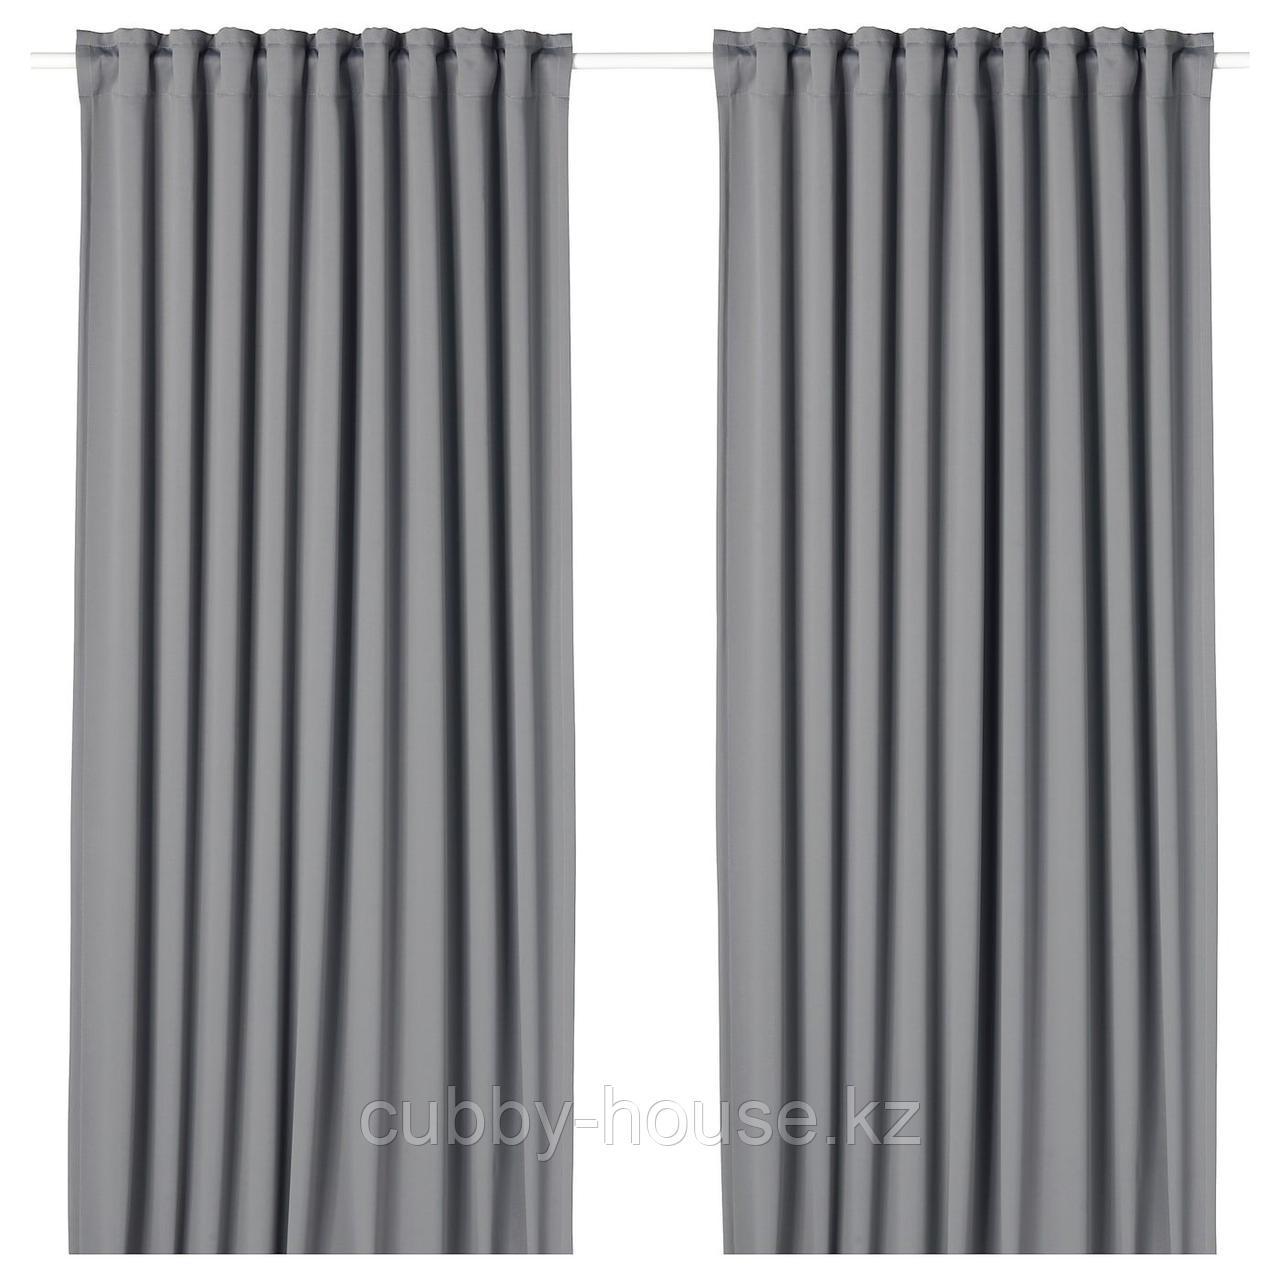 МАЙГУЛЛ Гардины, блокирующие свет, 1 пара, серый, 145x300 см